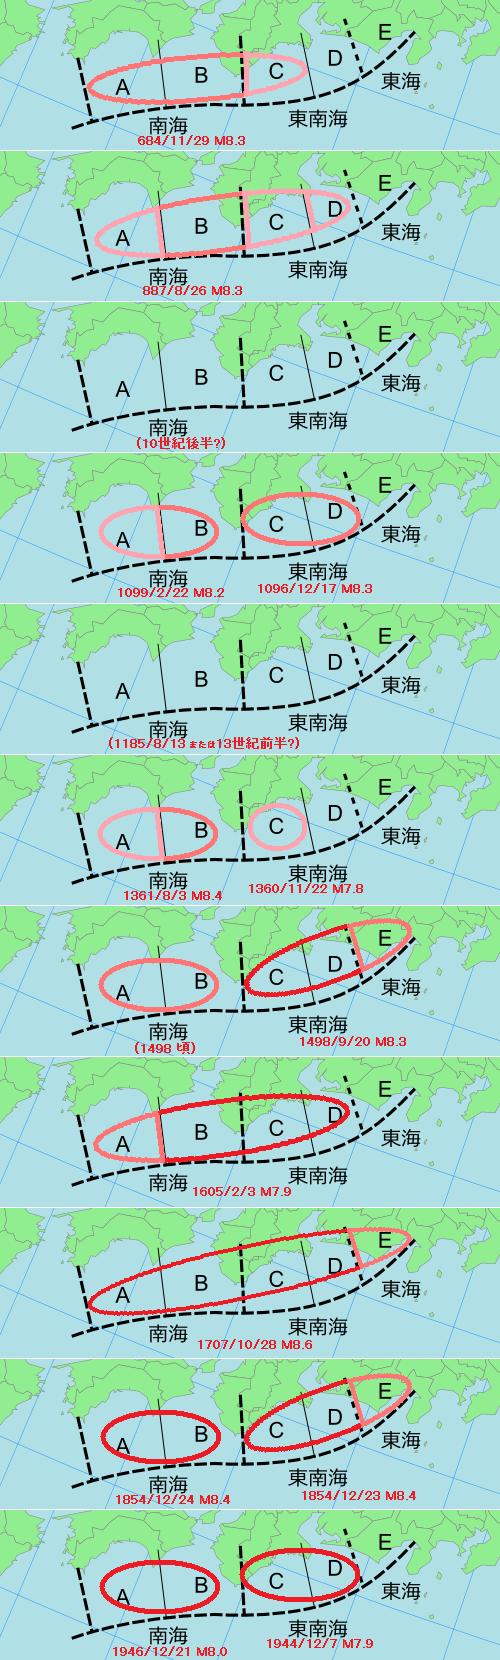 Nankai-Tonankai-Tokai earthquake history.png